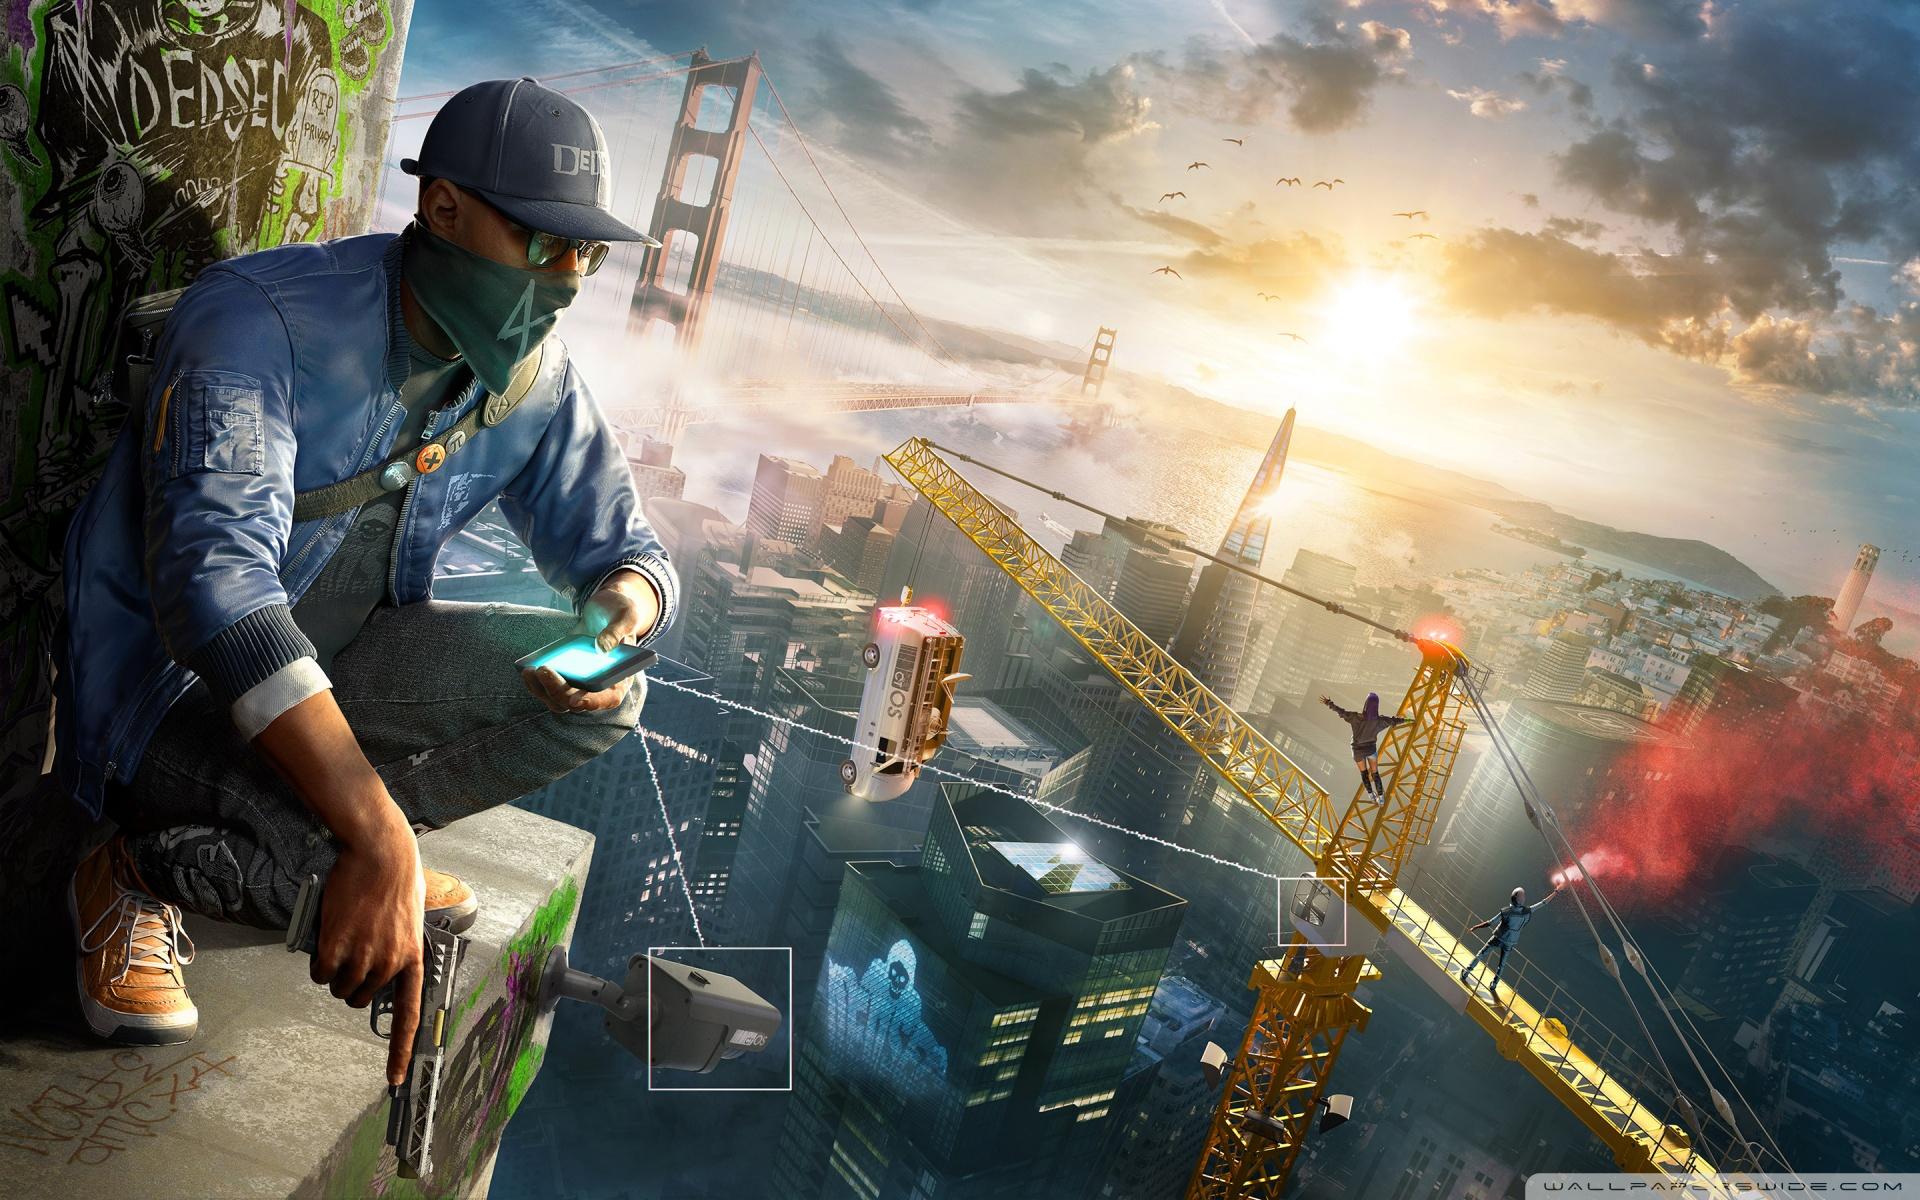 نام تجاری جدید Watch Dogs 3 اشارهای به عرضه روی PS5 و Xbox بعدی دارد